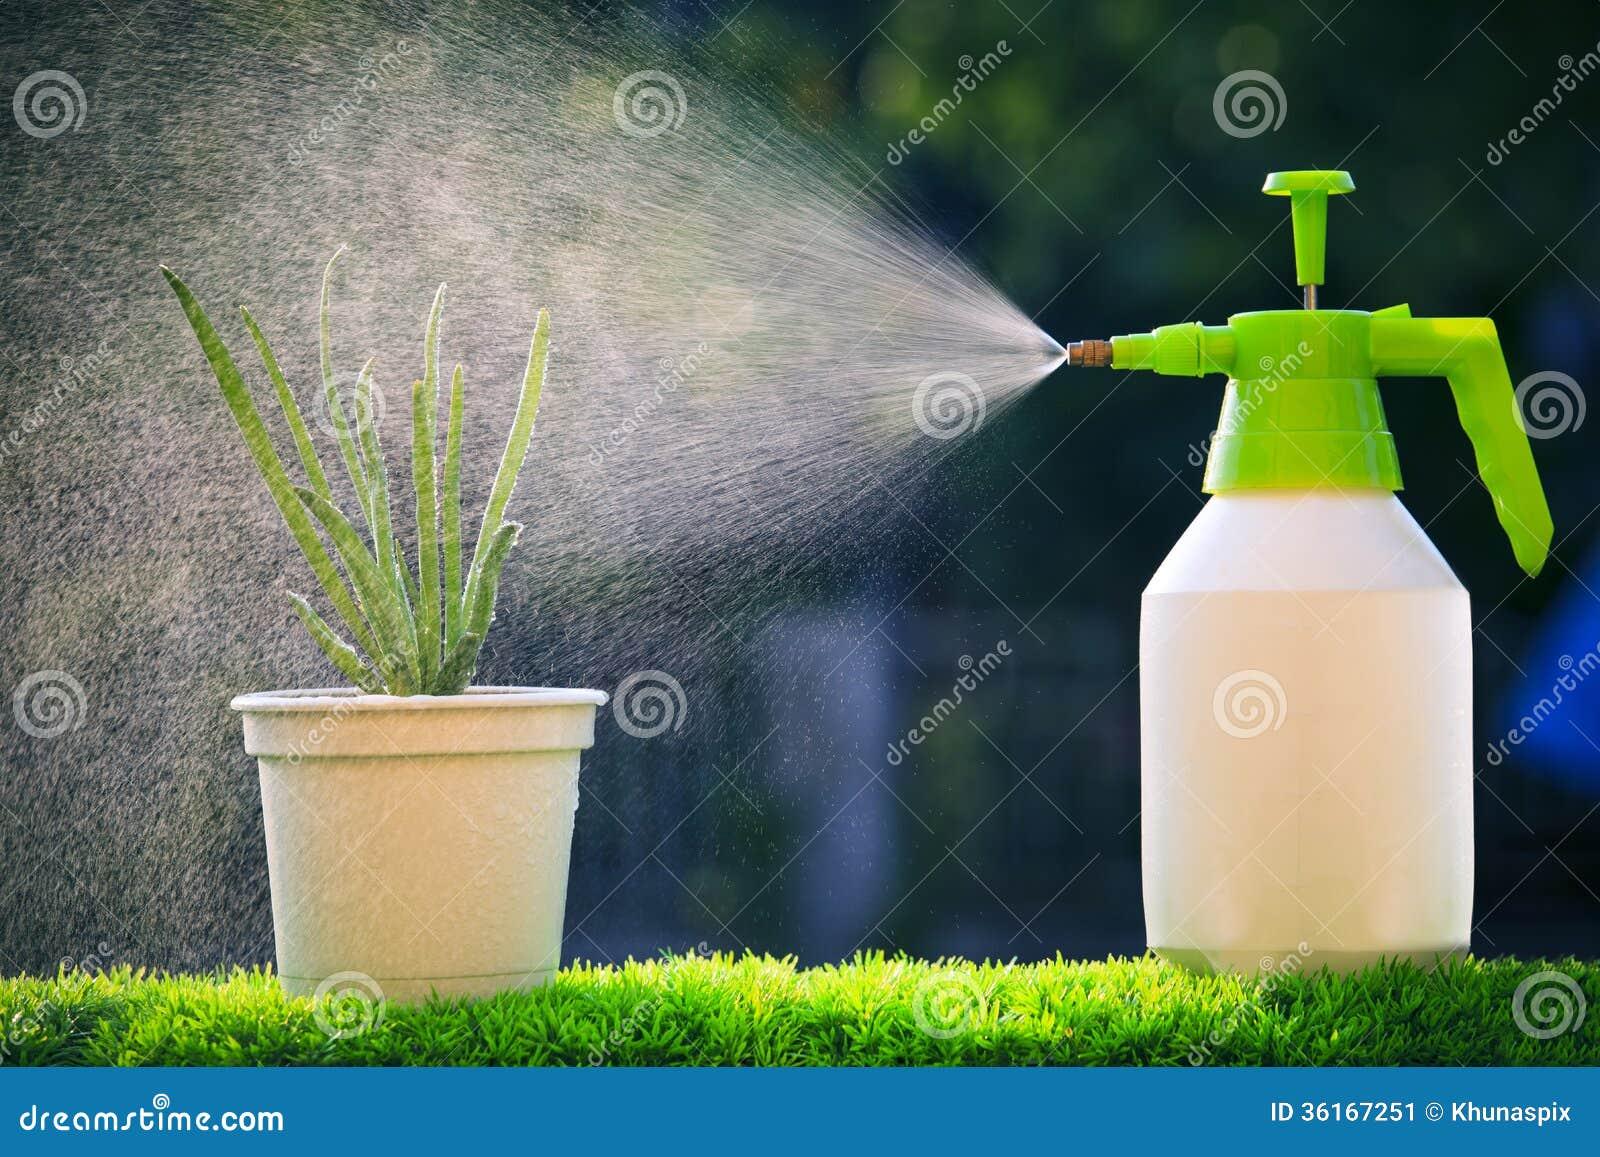 Απωθητικο μελισσων Water-spray-water-to-red-onion-plant-beautiful-blur-backgru-backgrund-green-house-garden-evening-36167251